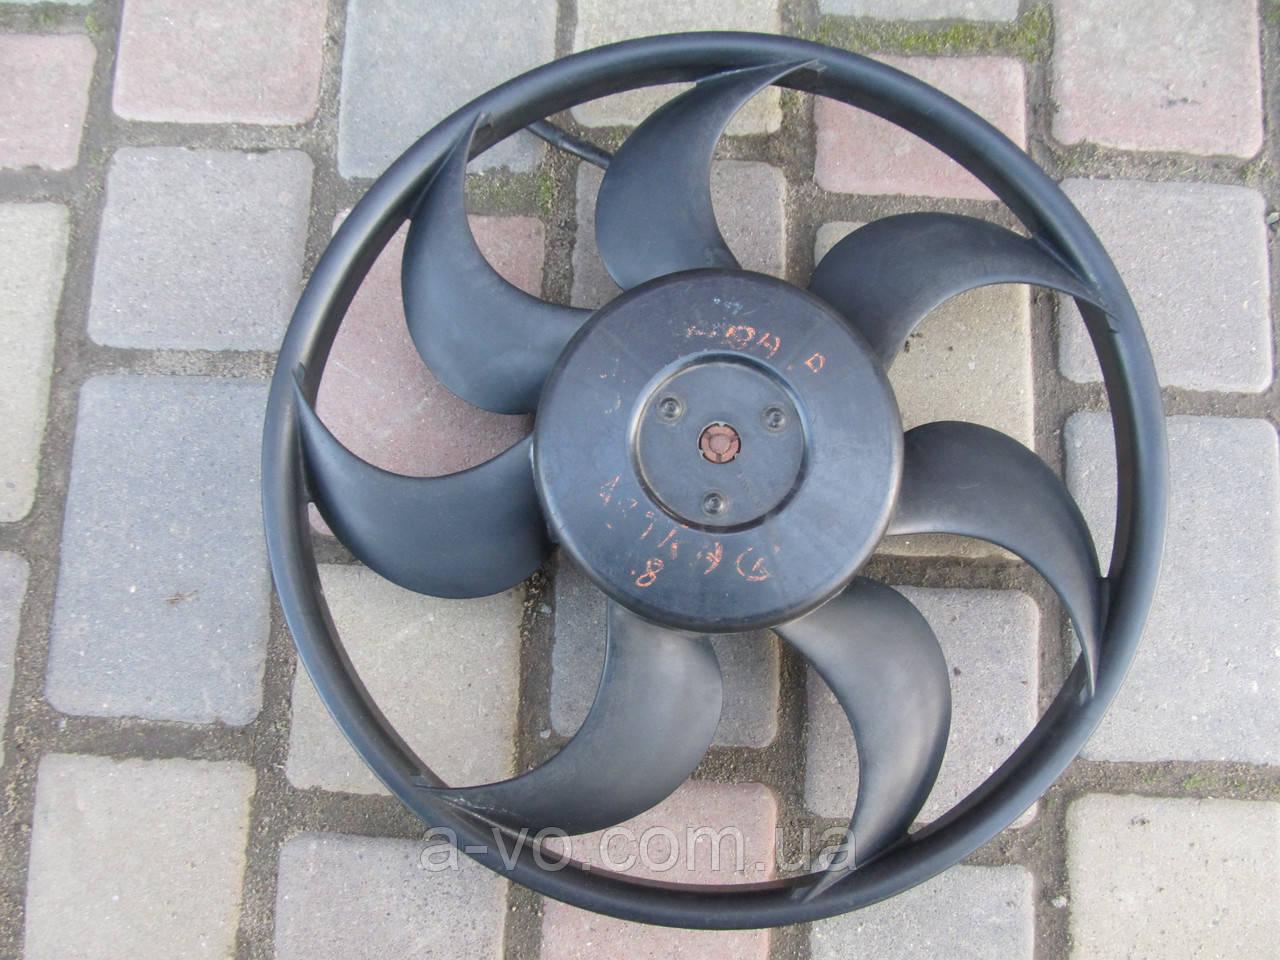 Вентилятор основного радиатора дляOpel Astra G Zafira A, 13128687, 0130303298